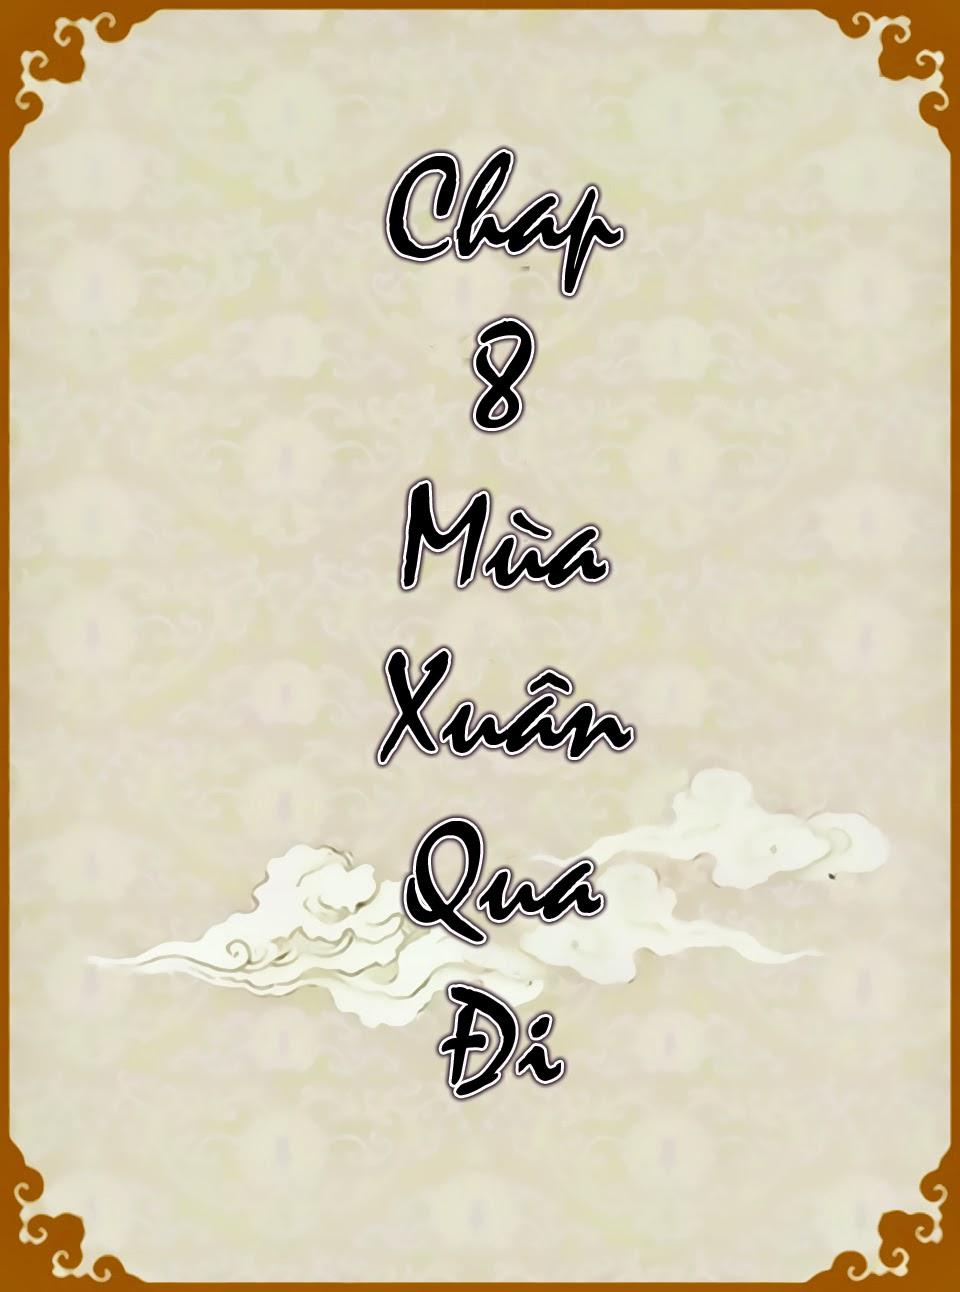 Chân Hoàn Truyện Chap 8.1 - Next Chap 9